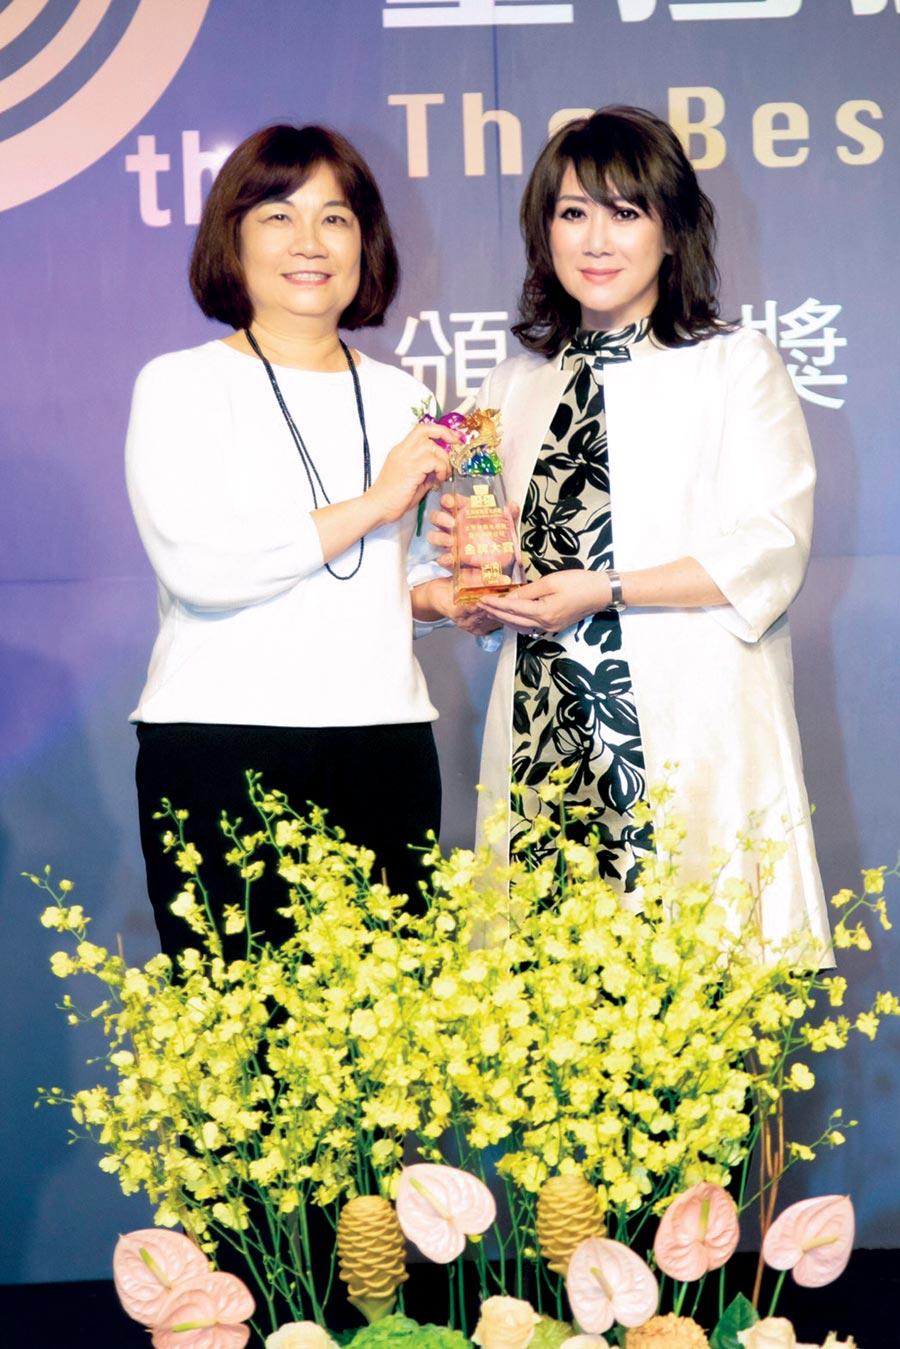 遠東SOGO百貨在「2019台灣服務業大評鑑」中,榮獲百貨公司/購物中心類金牌獎,SOGO董事長黃晴雯(右)期許創造更多溫暖服務。圖/SOGO提供